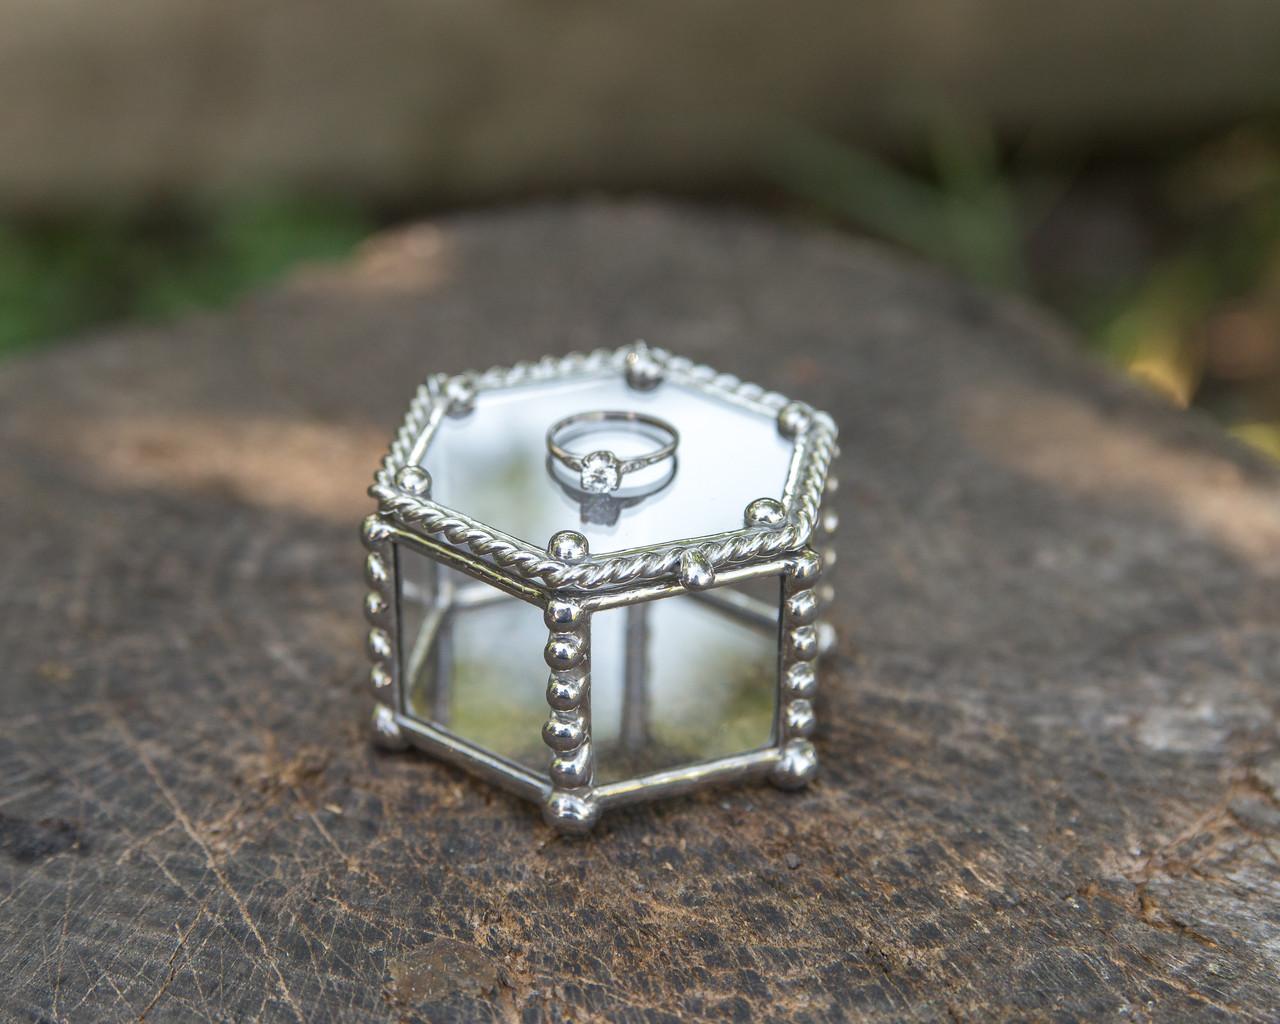 Шкатулка для украшений шестиугольная из стекла